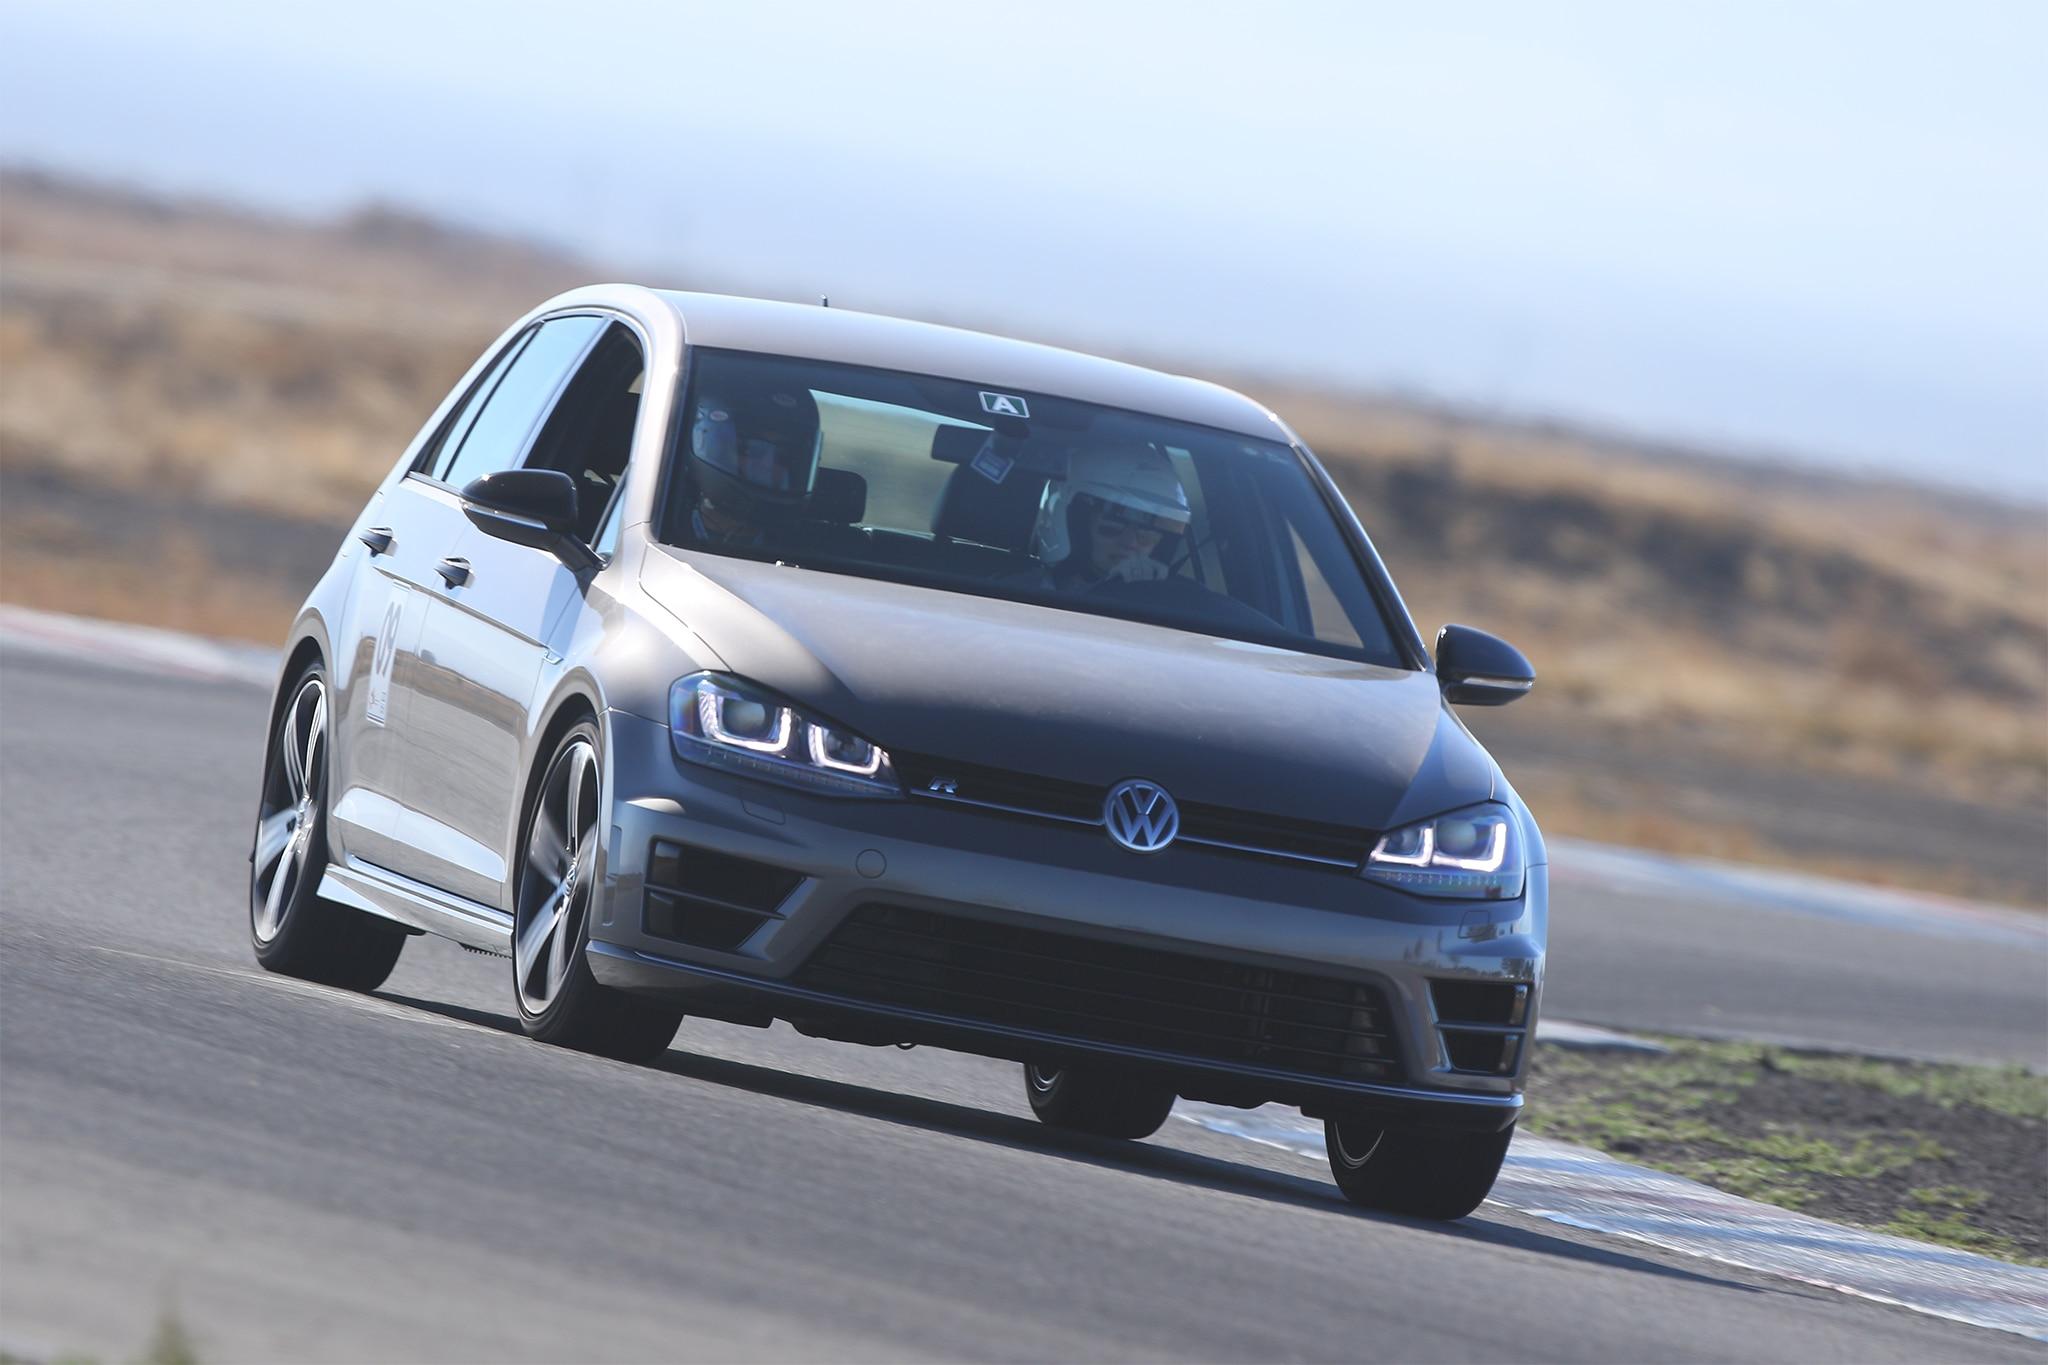 2016 Volkswagen Golf R Front Three Quarter In Motion 02